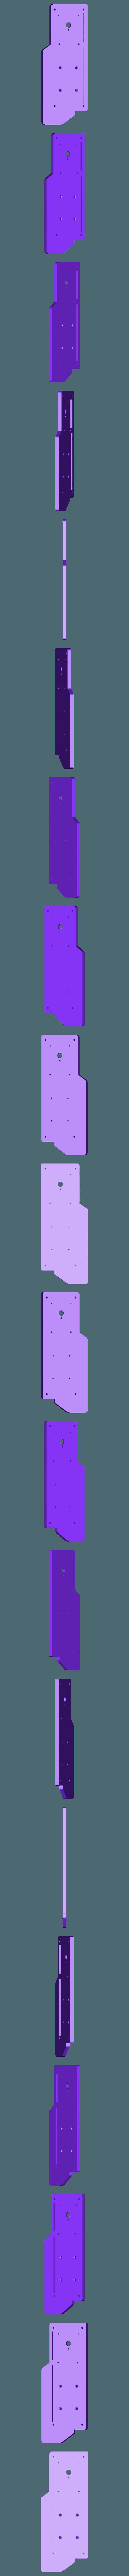 side_LT_panel.stl Télécharger fichier STL gratuit Ghostbuster Ghostbuster Ghosttrap • Modèle pour impression 3D, SLIDES